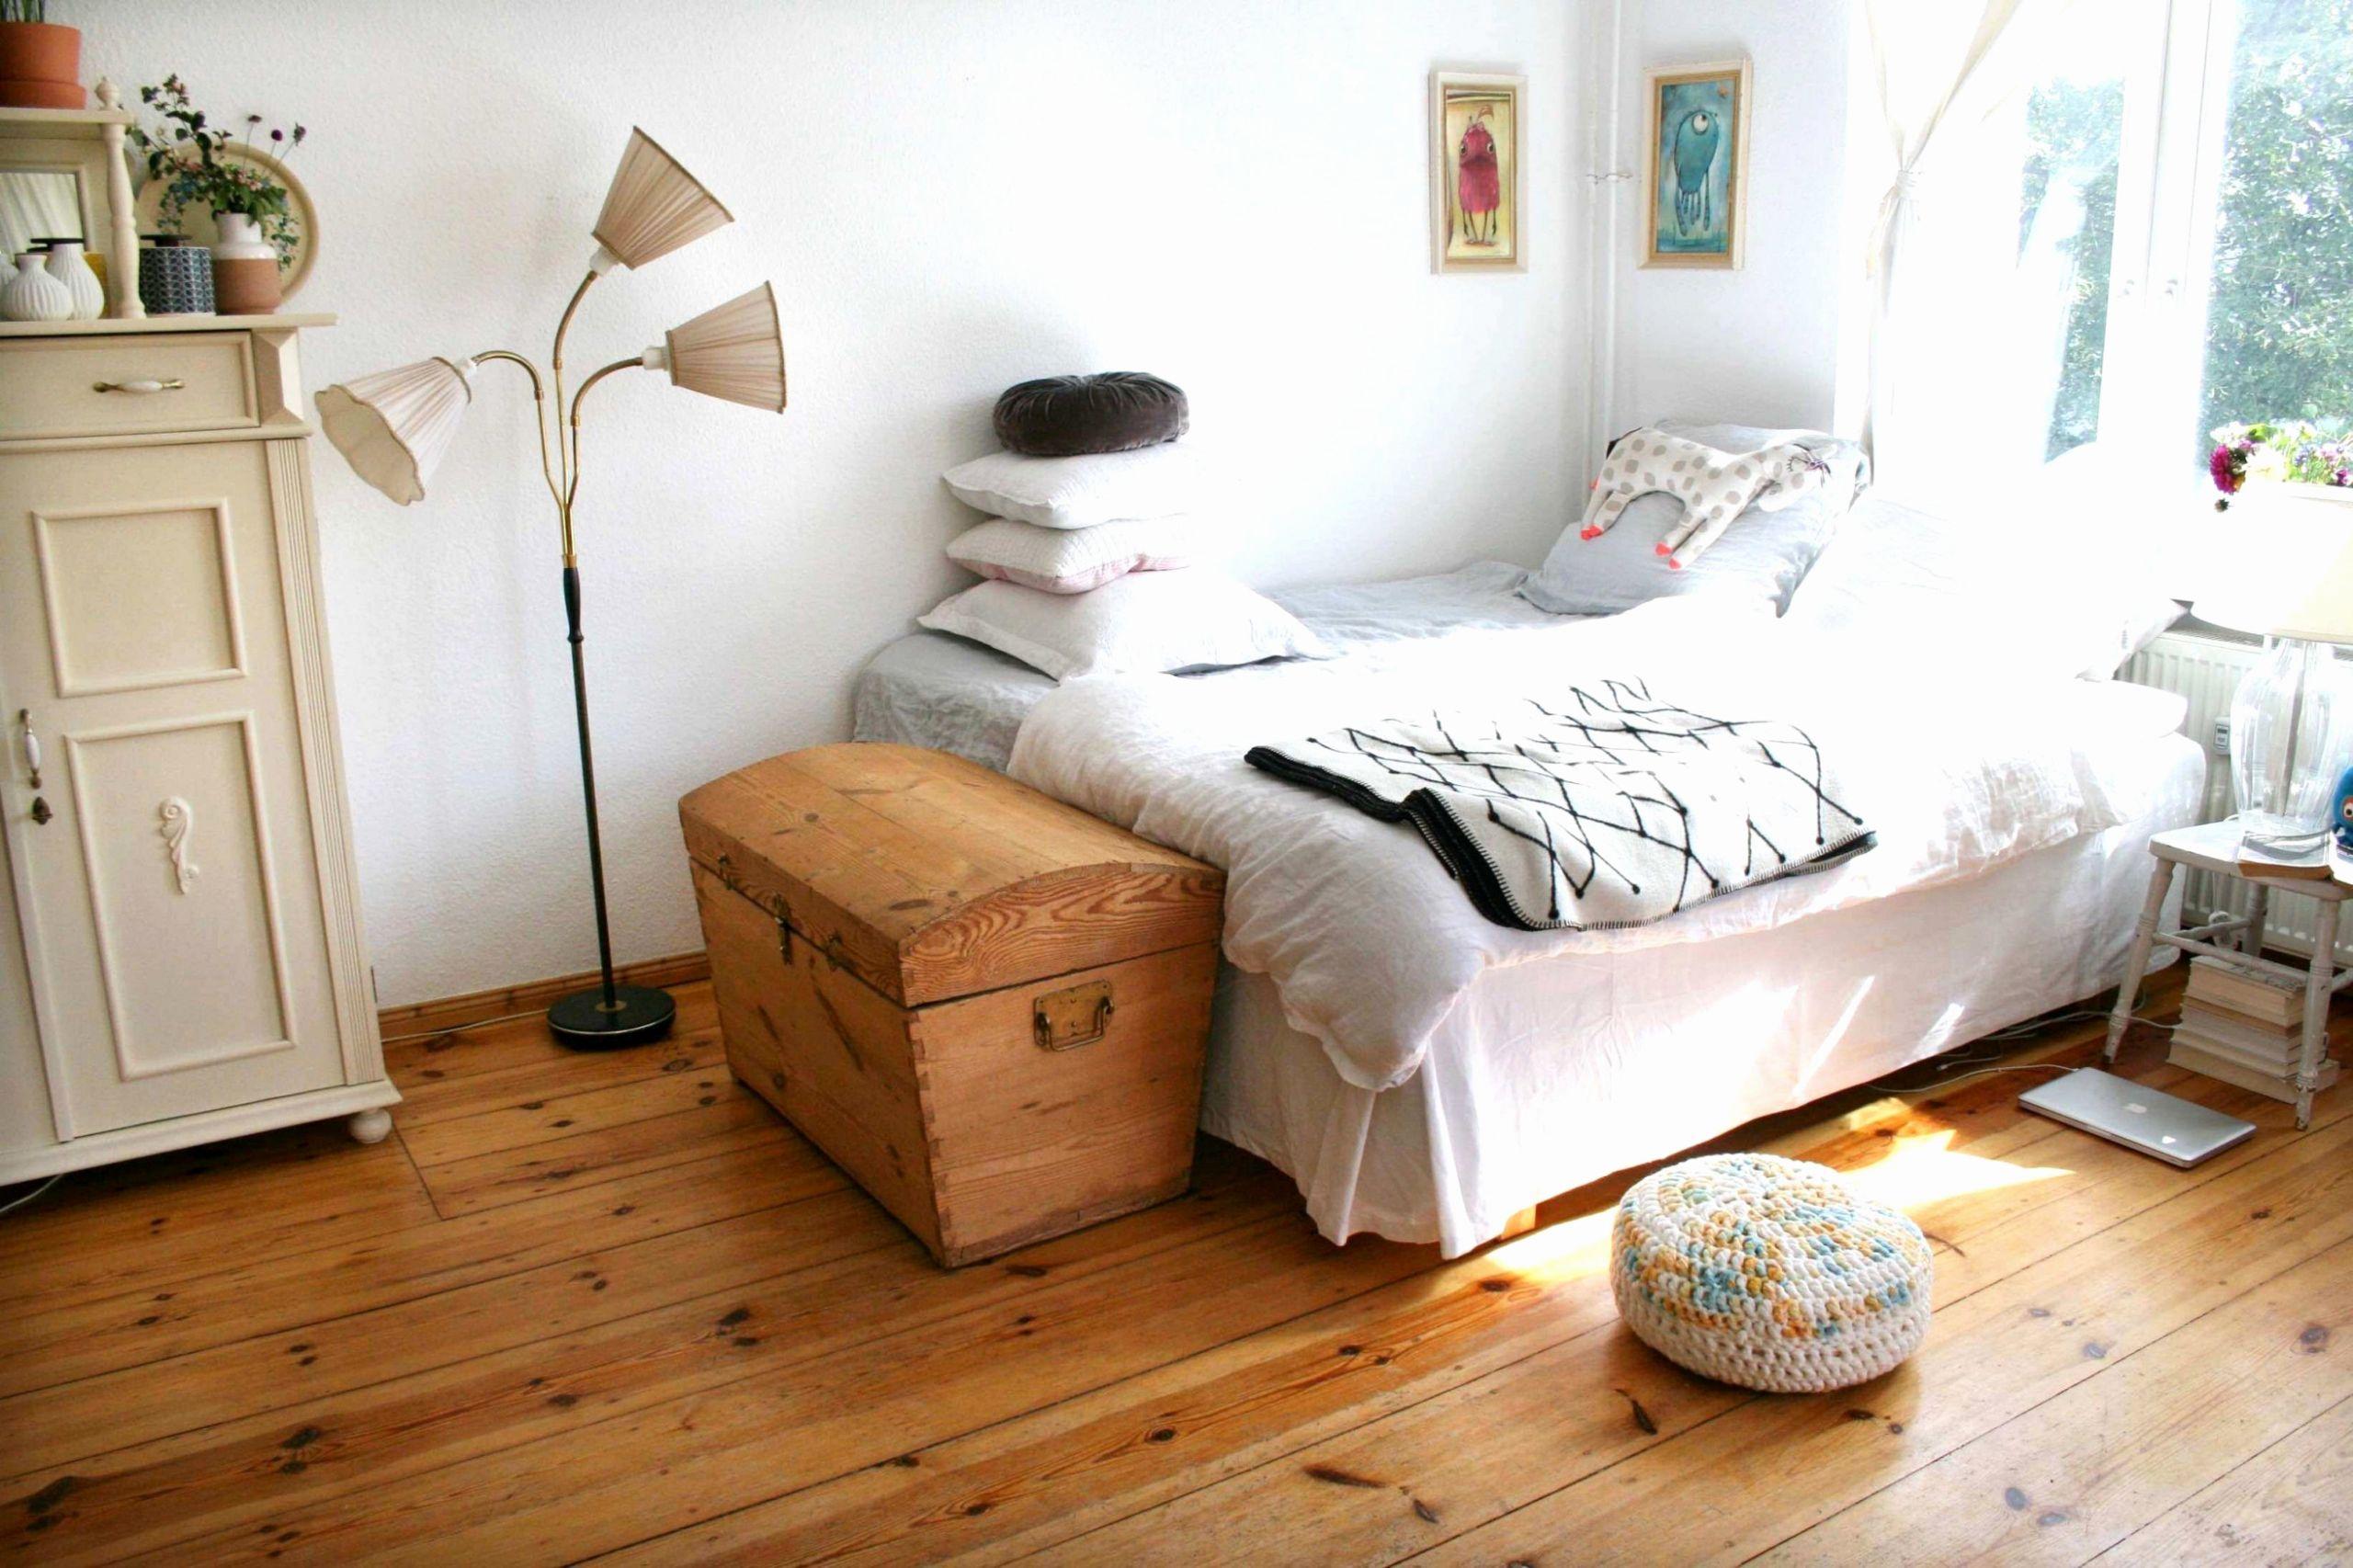 deko kamin rahmen best design tv wand impressionnant wohnzimmer deko modern kamin im of deko kamin rahmen